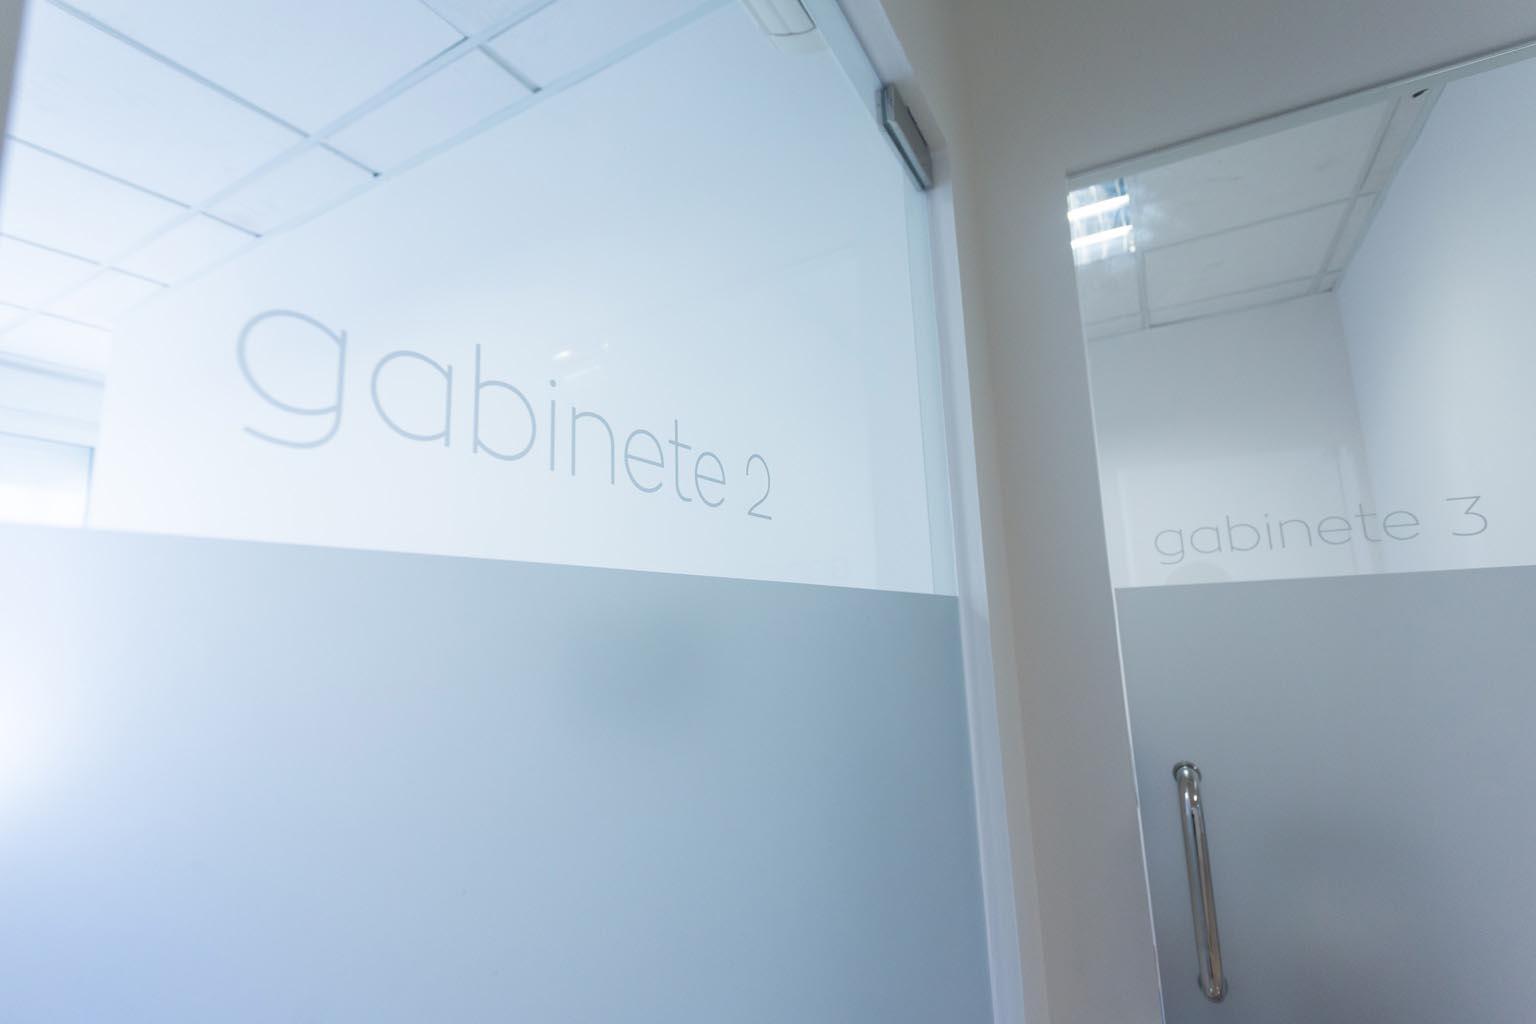 Gabinete 2 - Clínica dental en Almería - Clínica Dental Palmilla